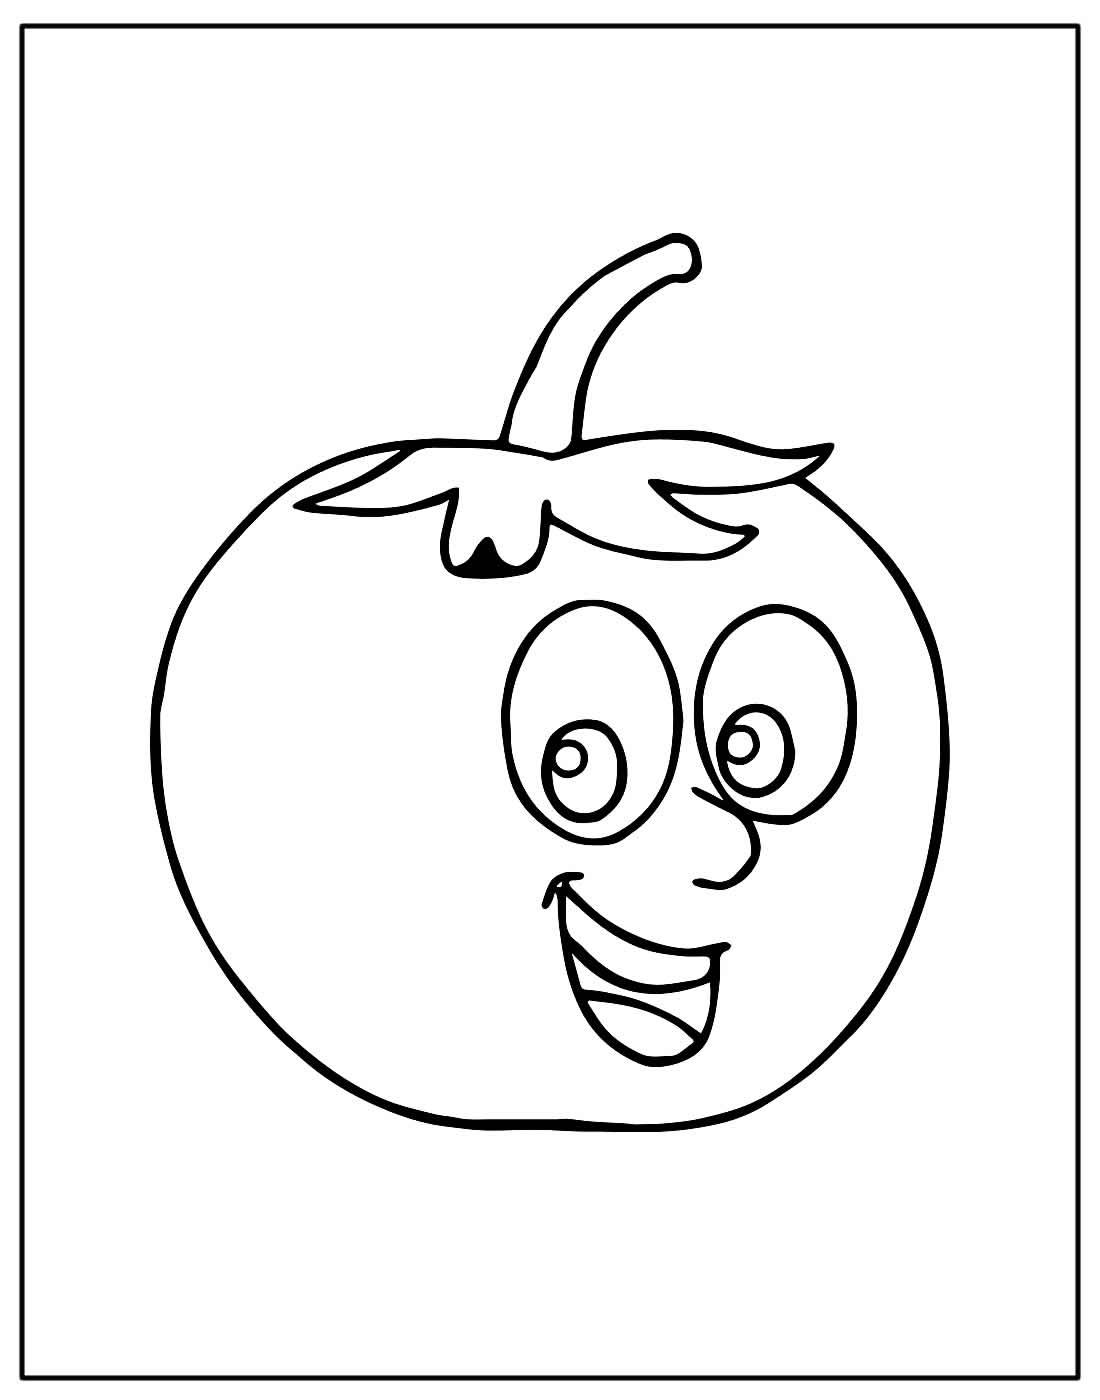 Página para colorir de Tomate